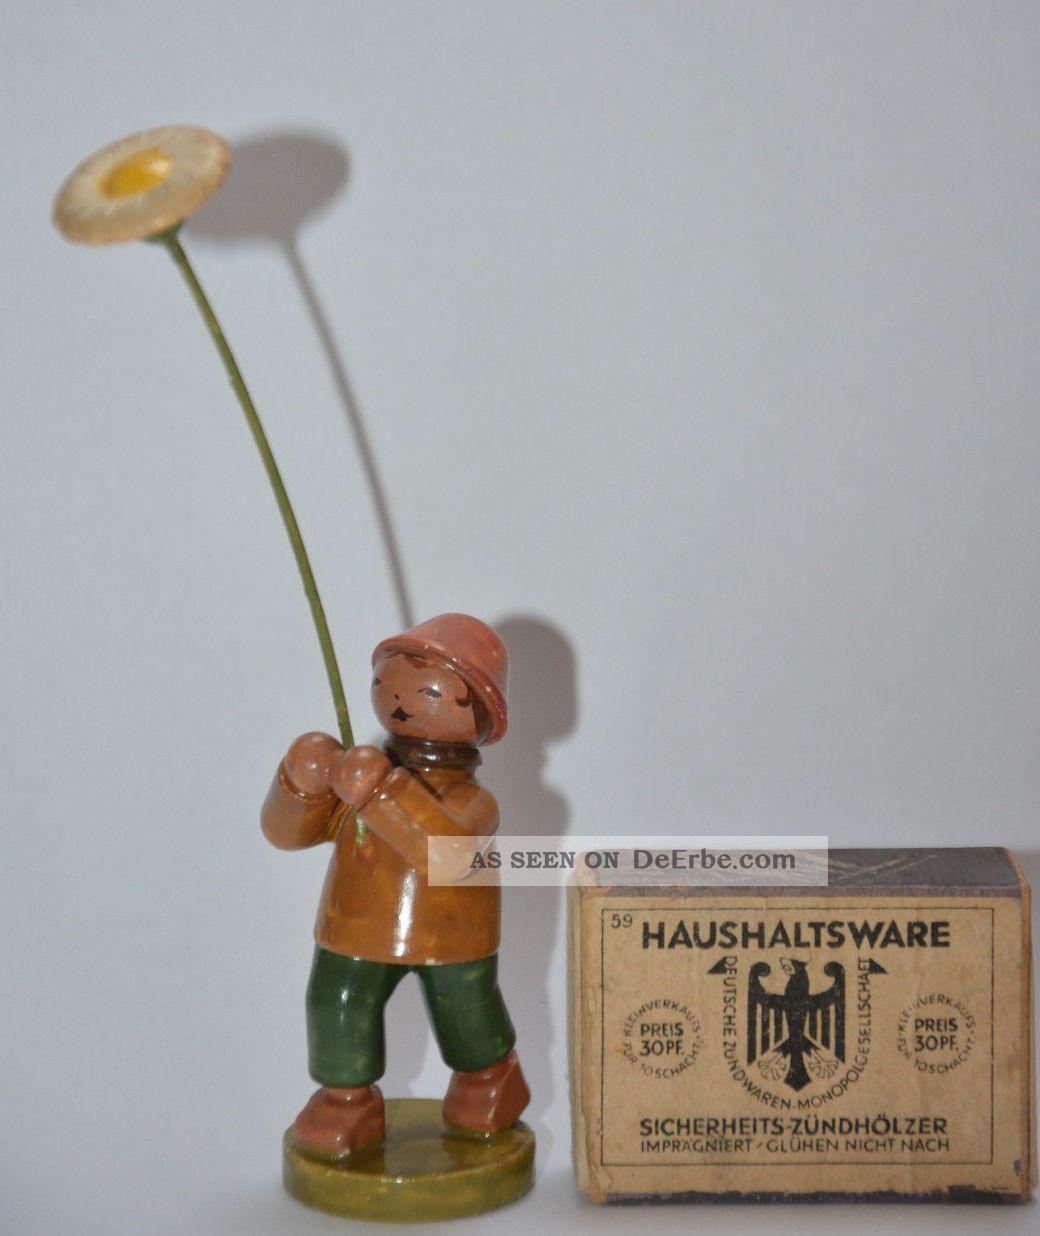 Wendt Und Kühn Blumenkind Vorkrieg Antik Blume Junge Erzgebirge Miniatur Figur Antike Originale vor 1945 Bild